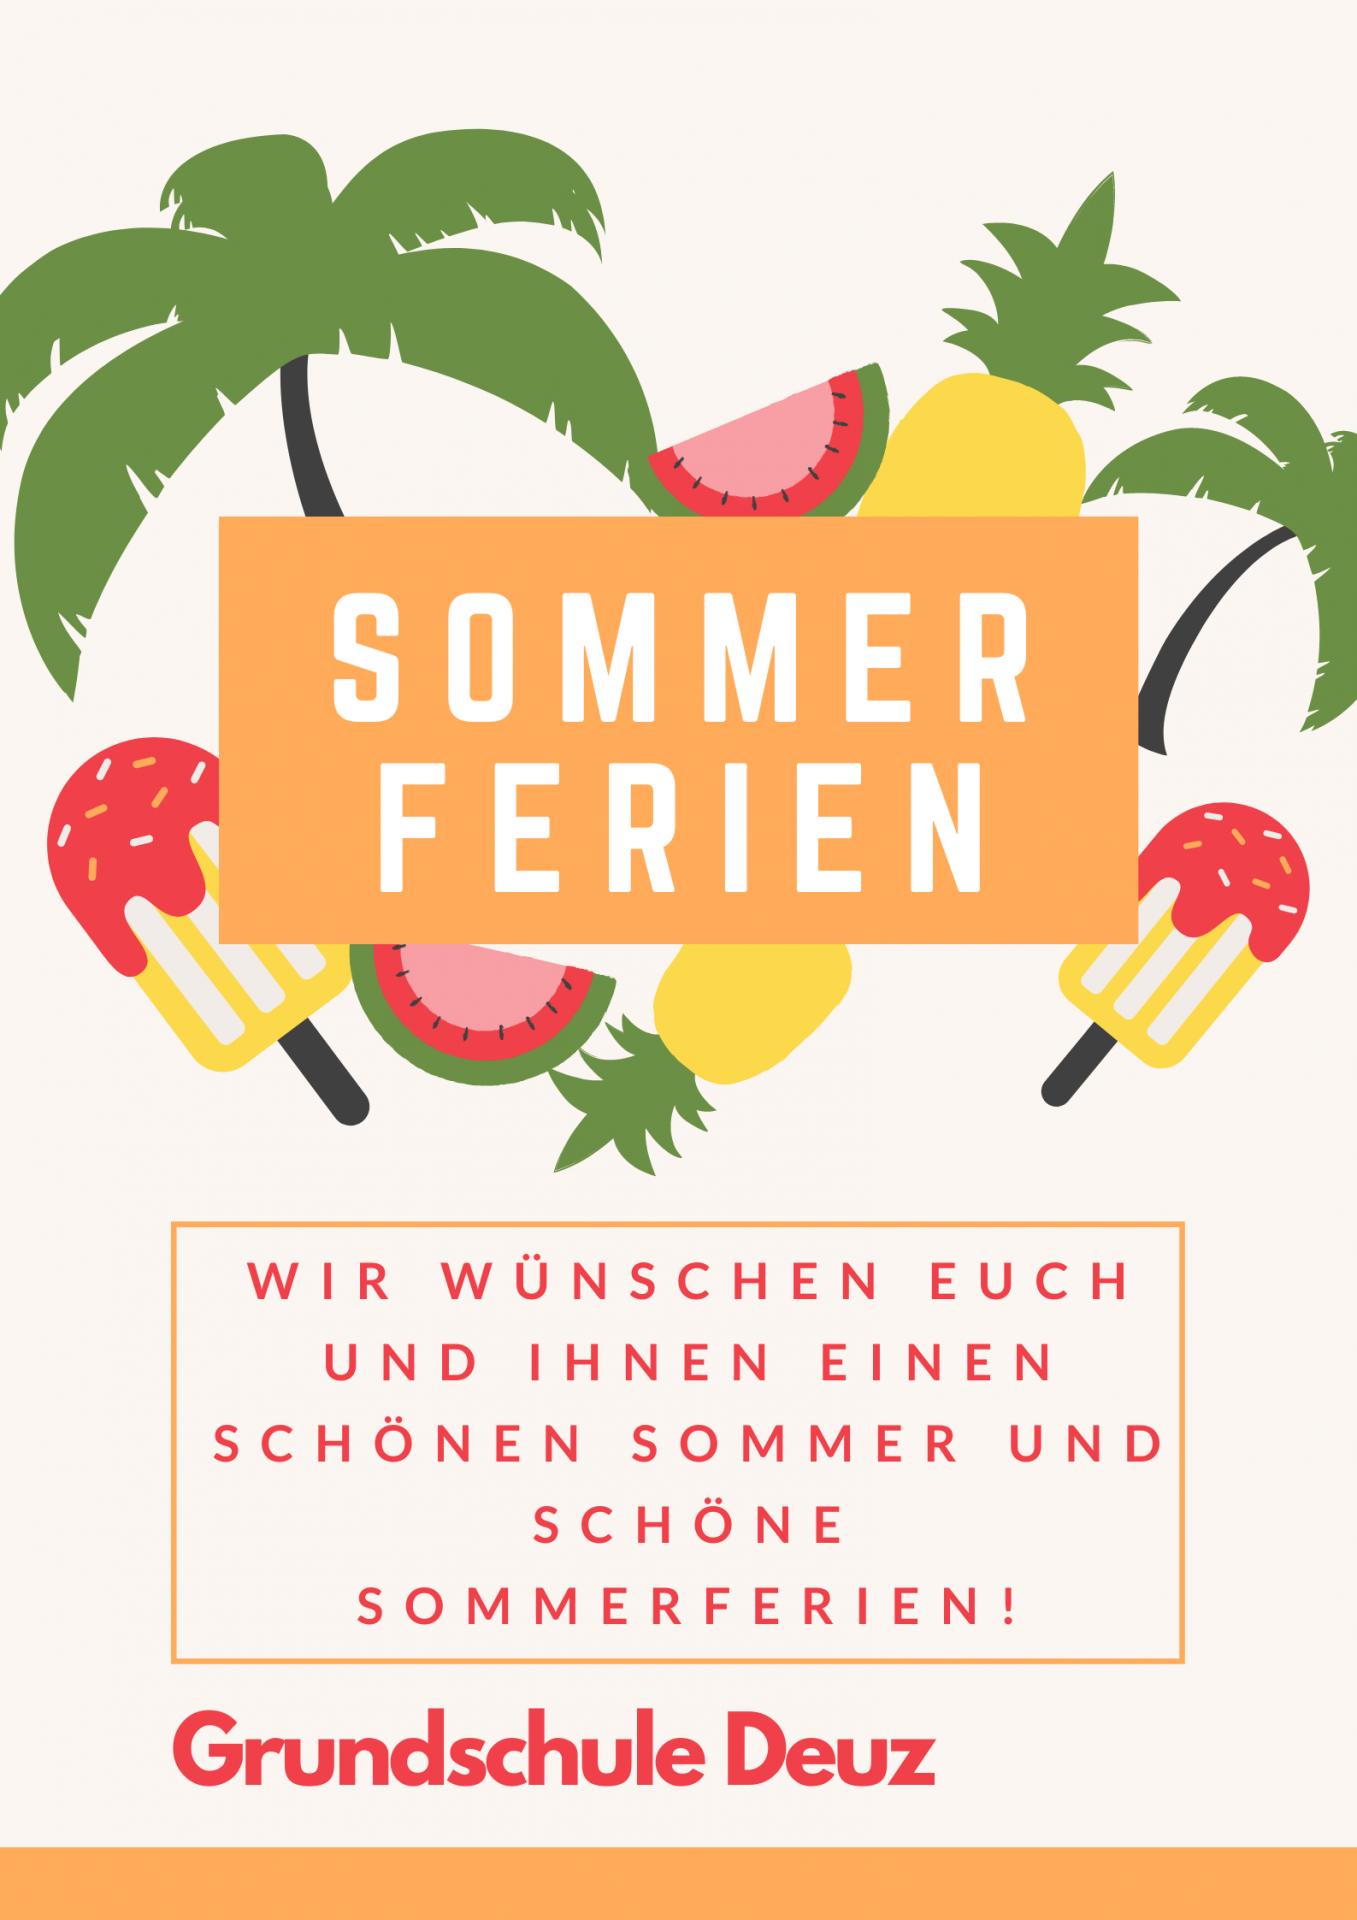 Sommerferien Grüße